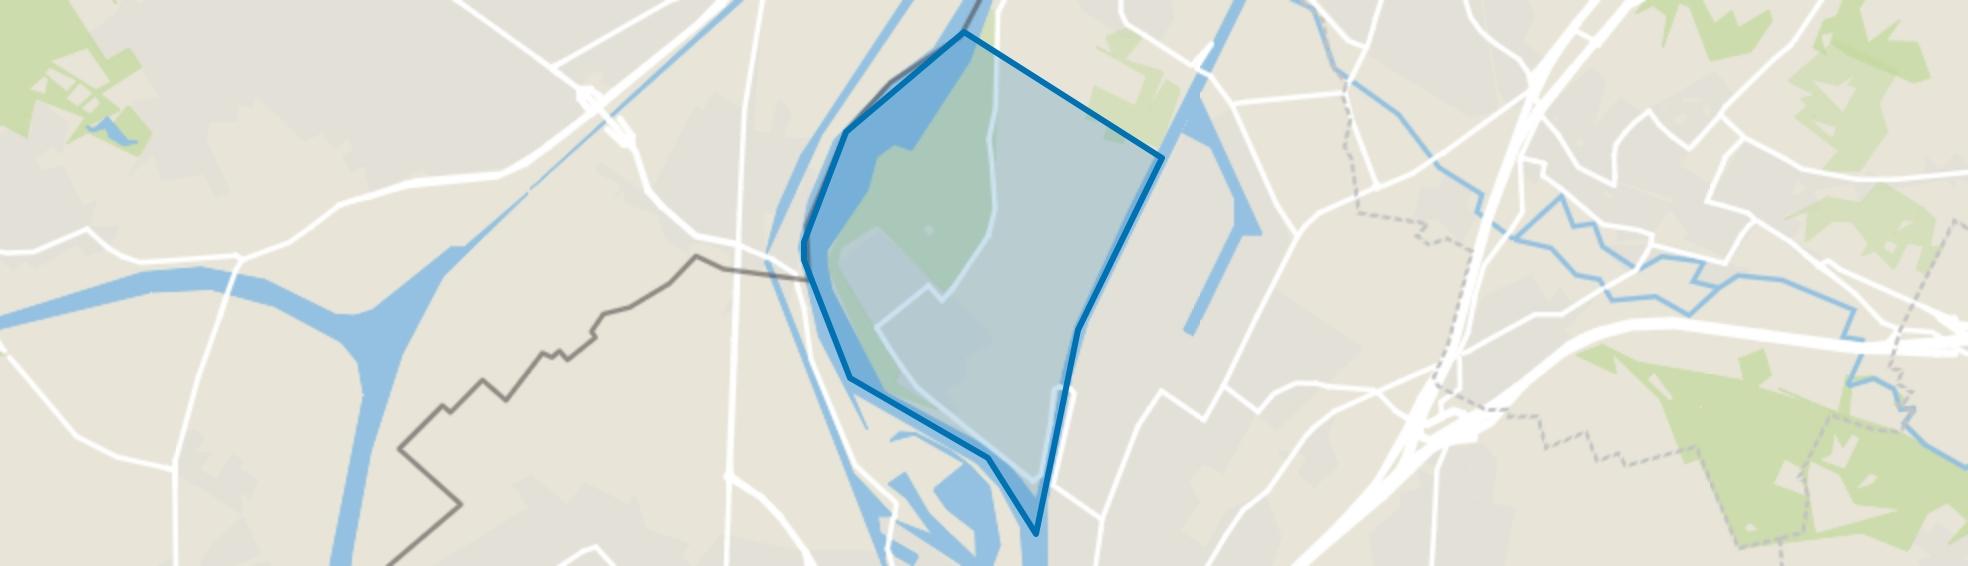 Borgharen, Maastricht map